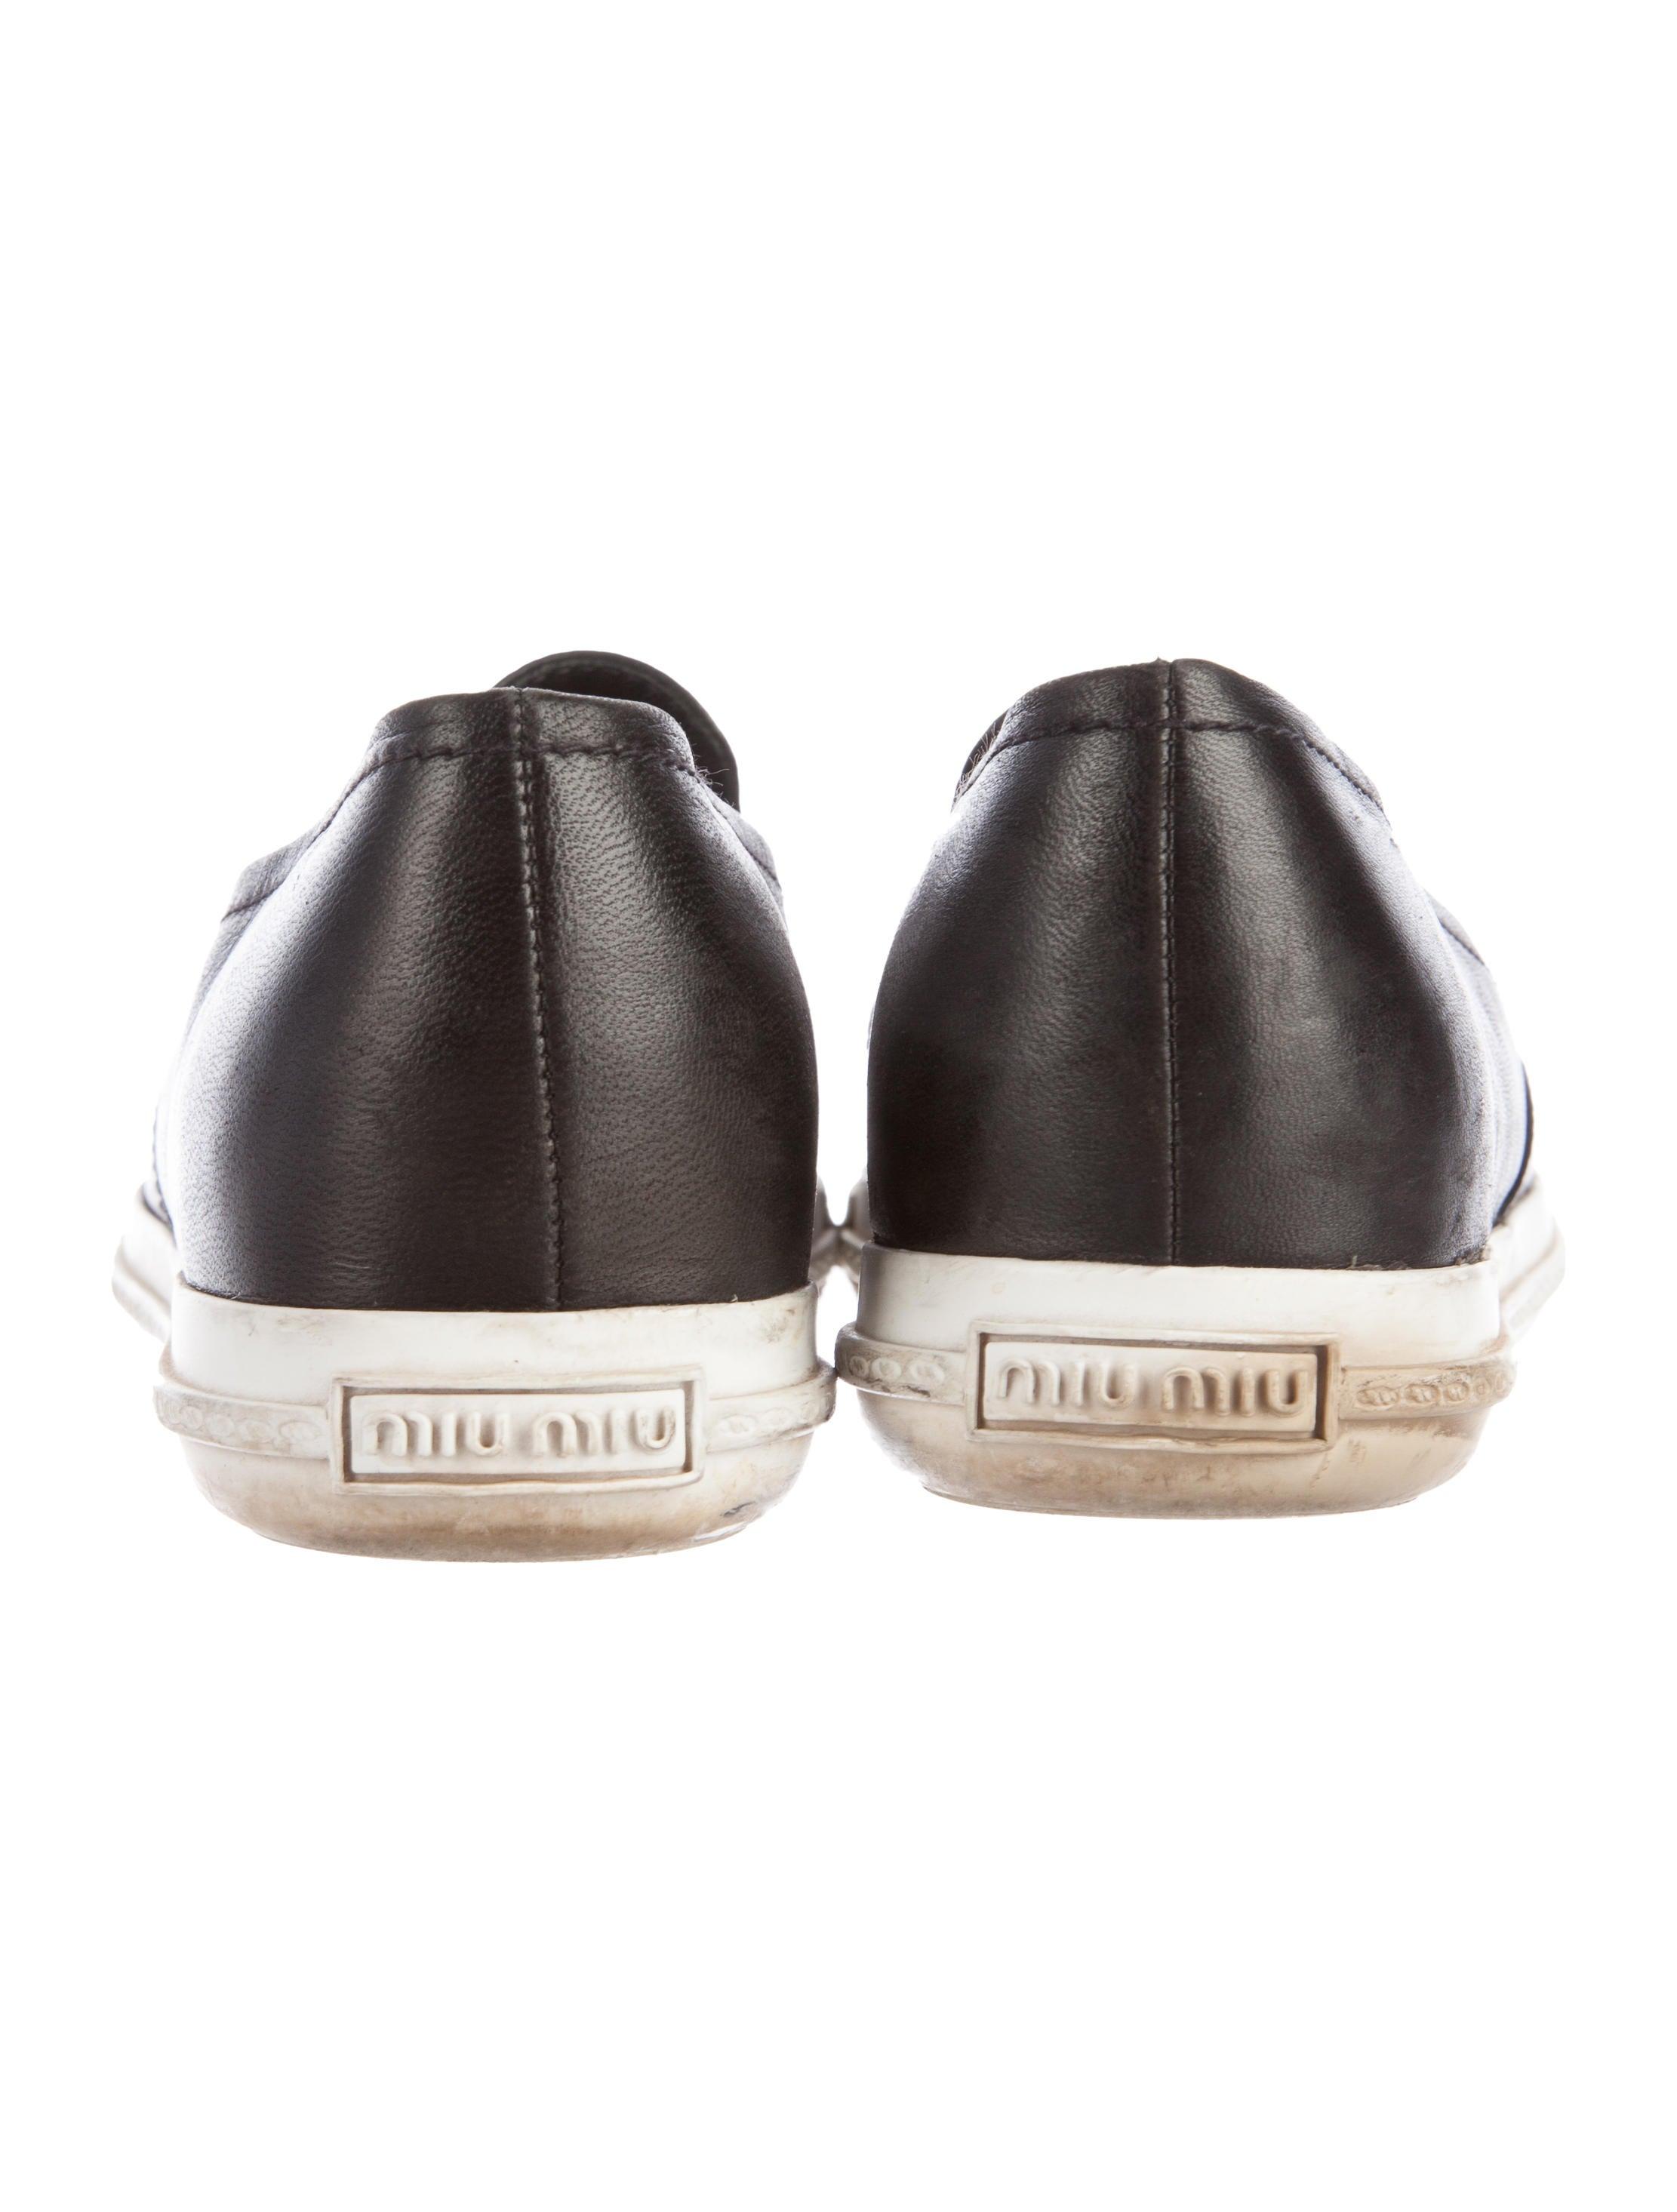 a80cc83557d Miu Miu Cap Toe Sneakers Black